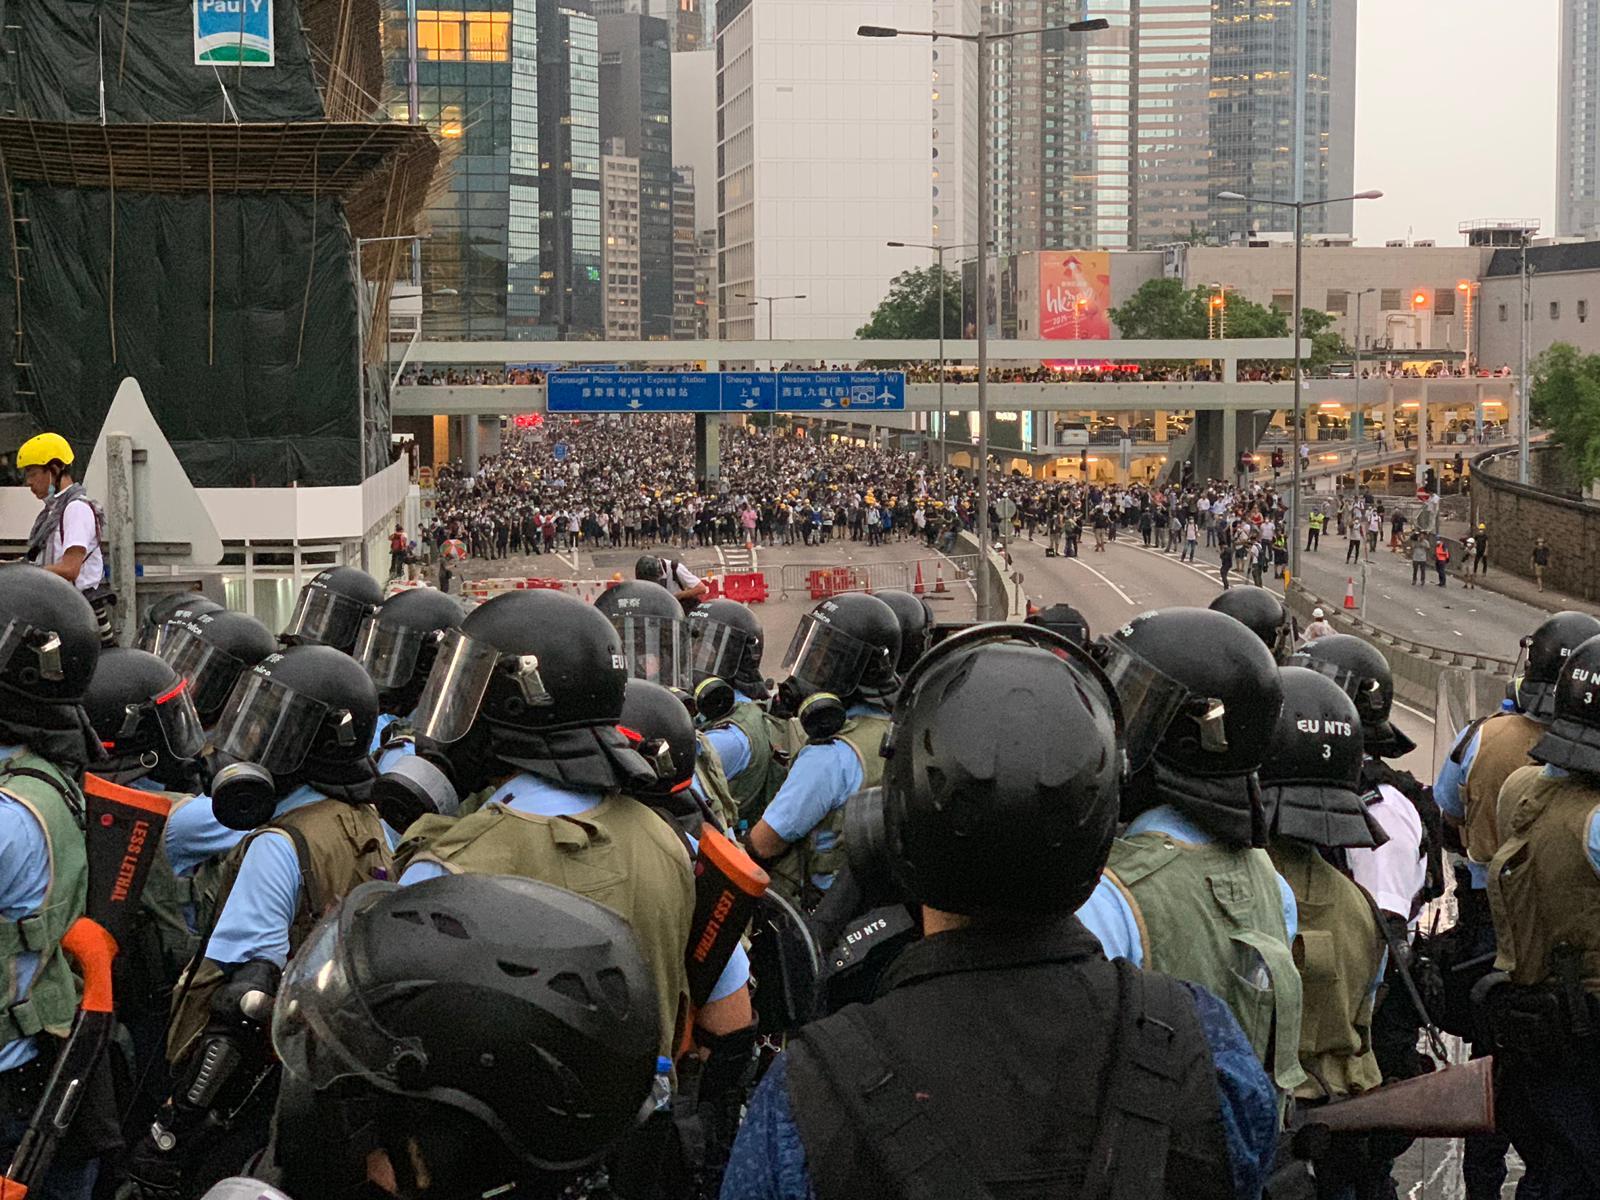 【逃犯條例】促停止製造仇恨 陳卓禧:要向香港歷史負責